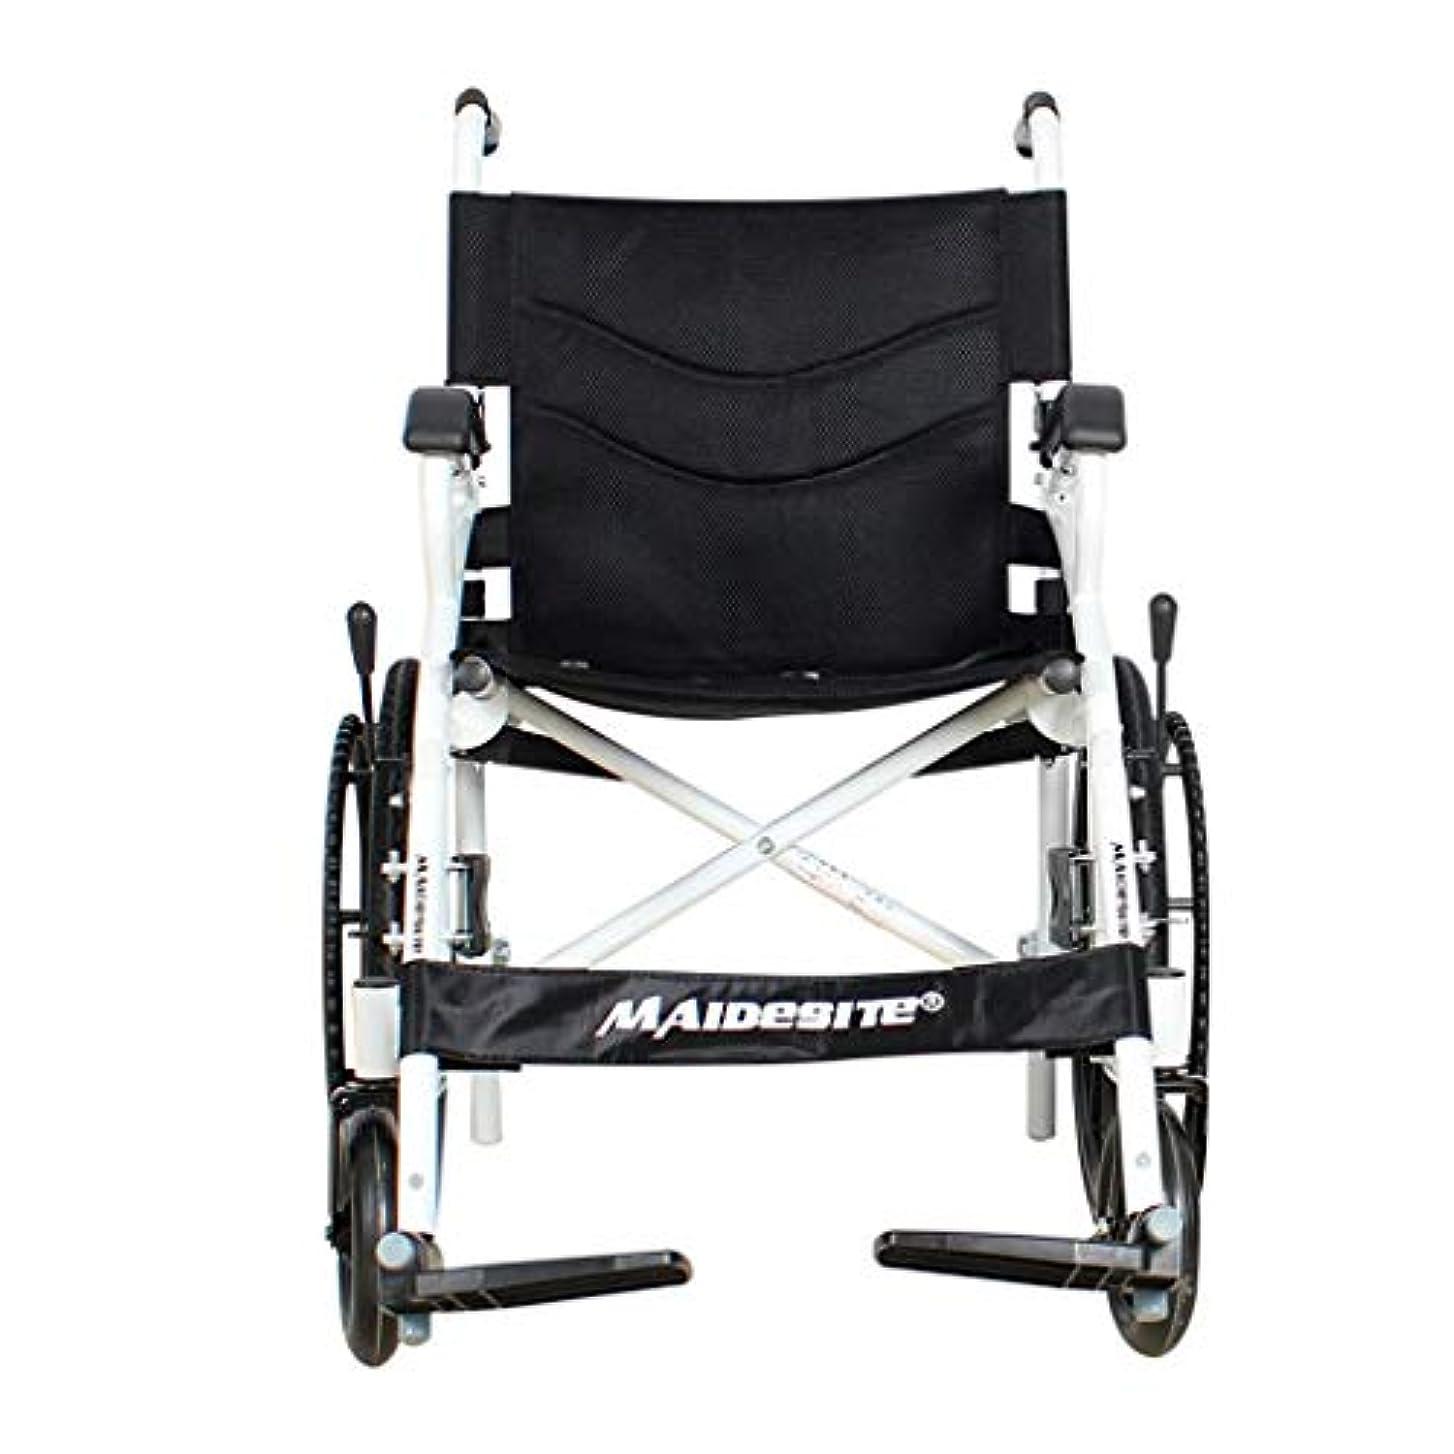 敵助けて膿瘍折り畳み式車椅子は、高齢者、身体障害者、および屋外旅行のリハビリテーション患者向けに簡単に保管できます。